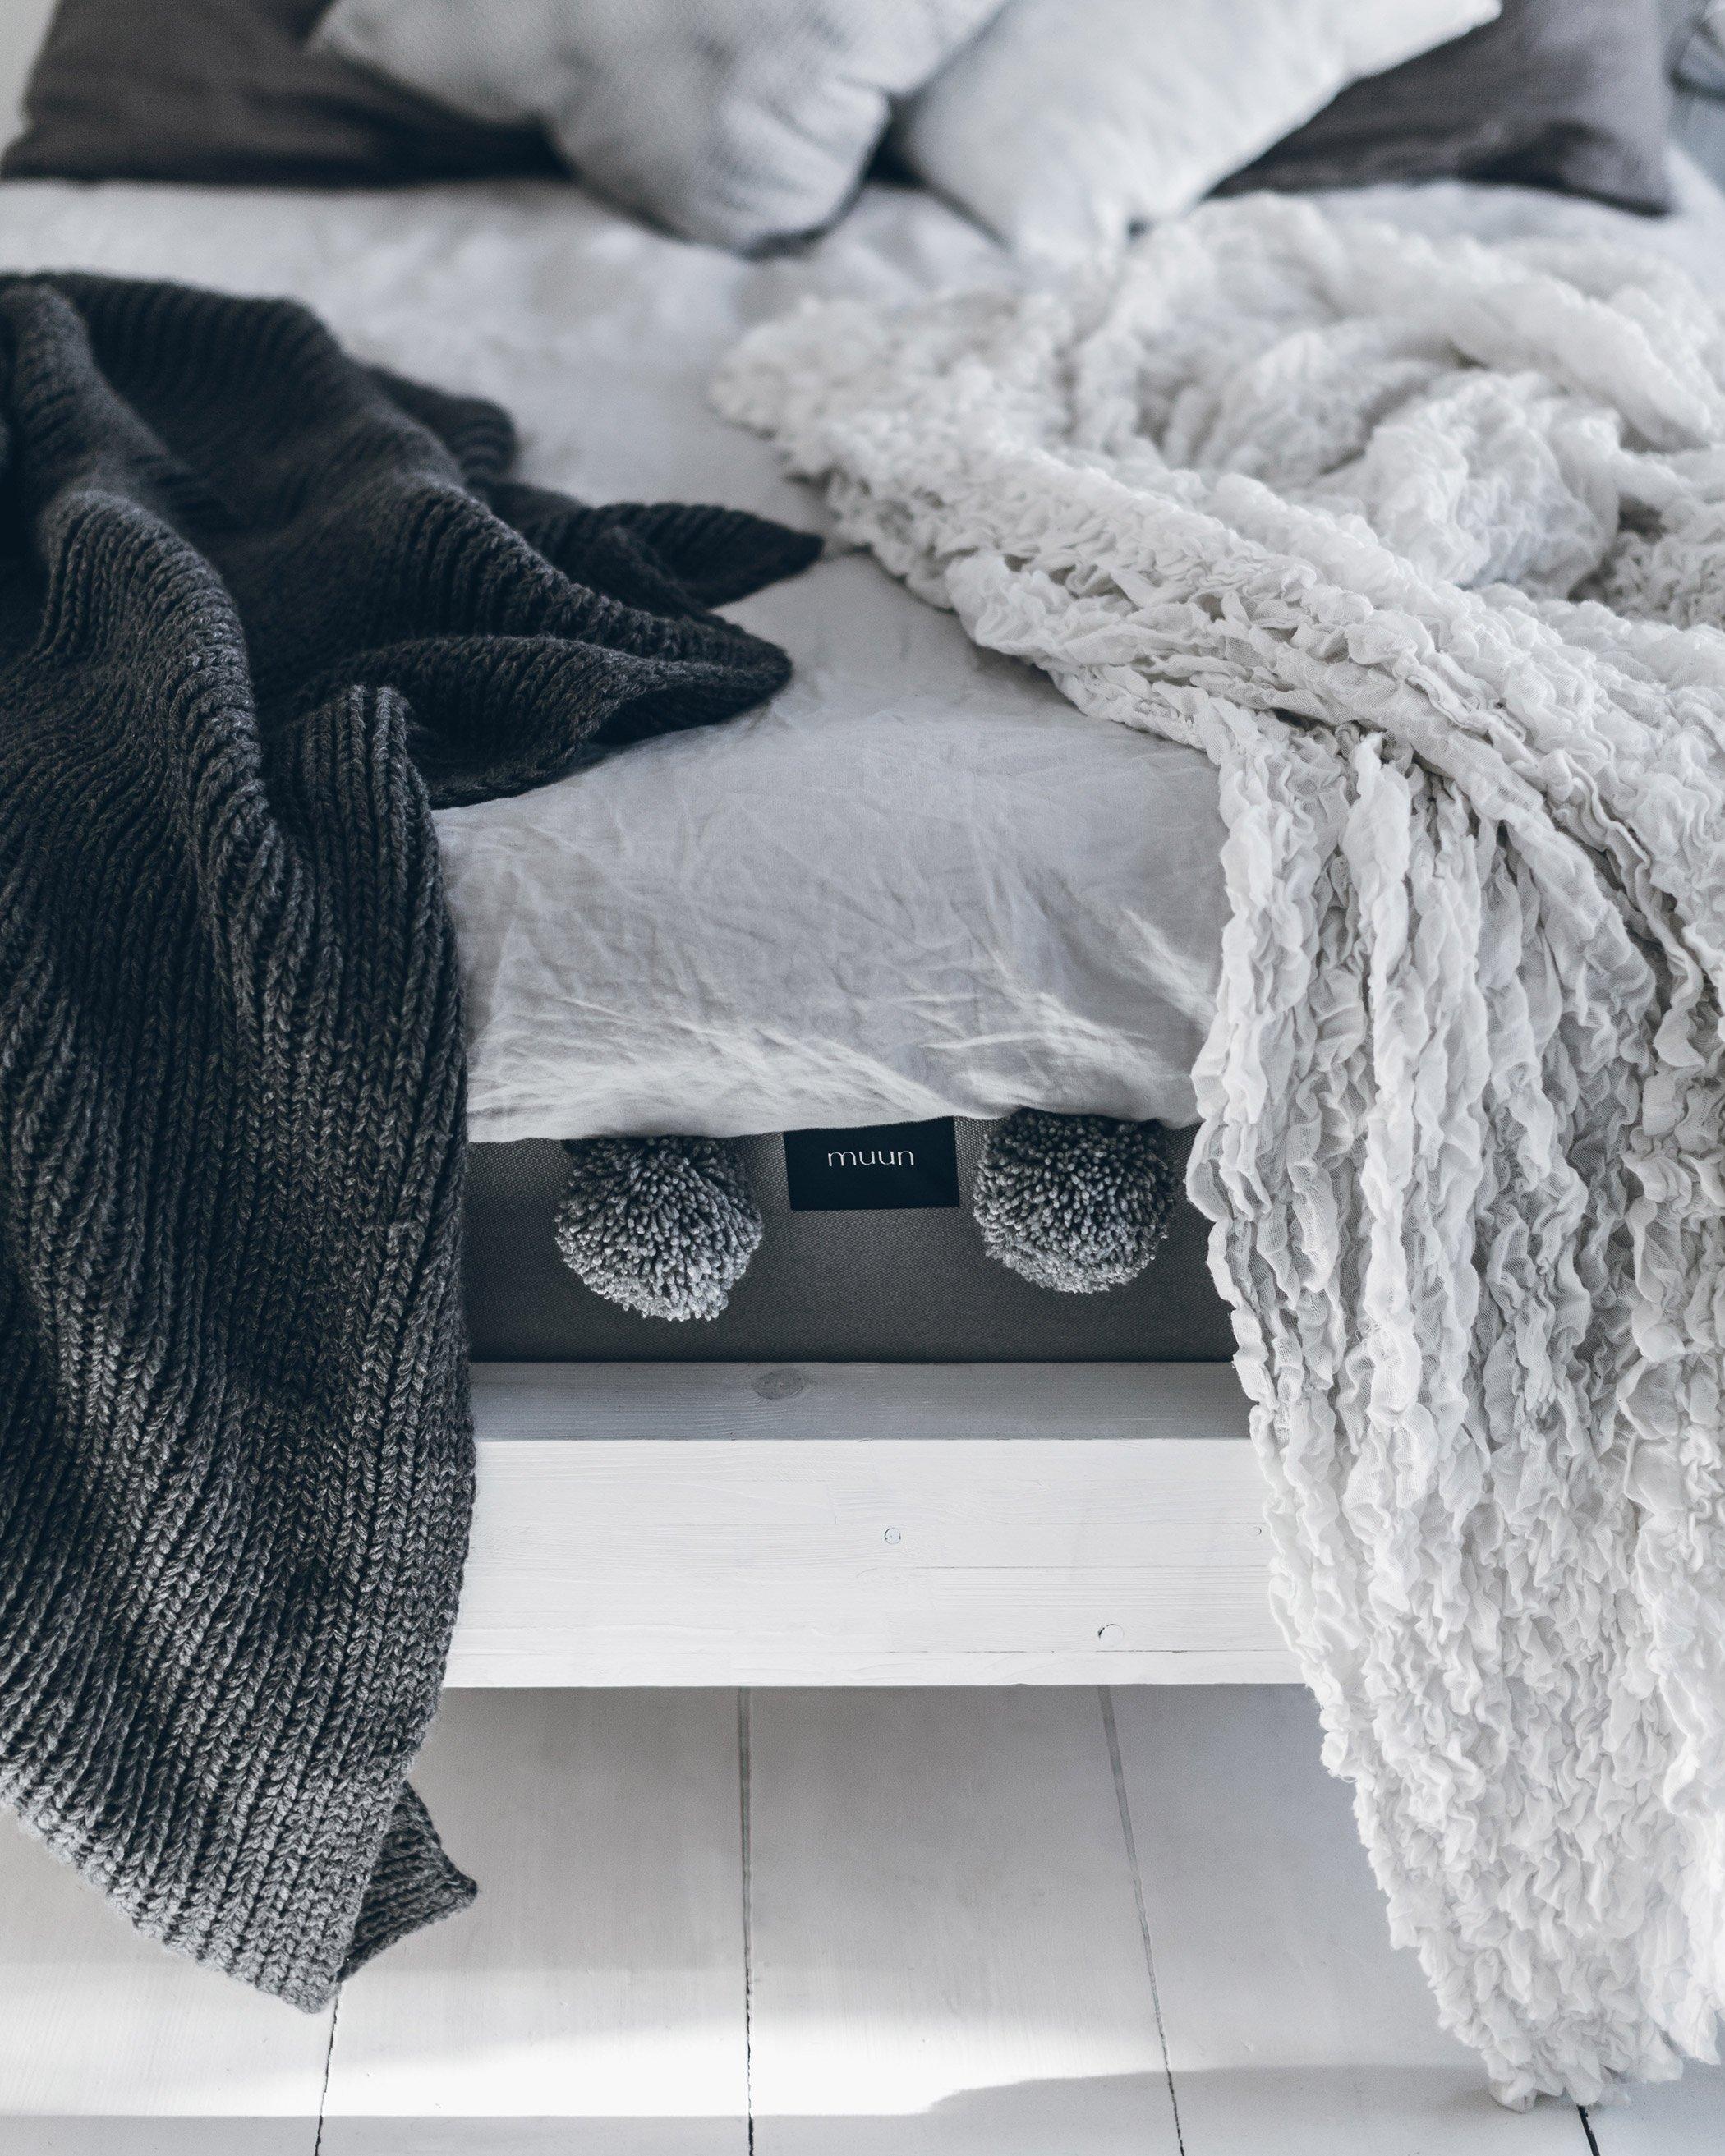 mikuta-muun-mattress-7